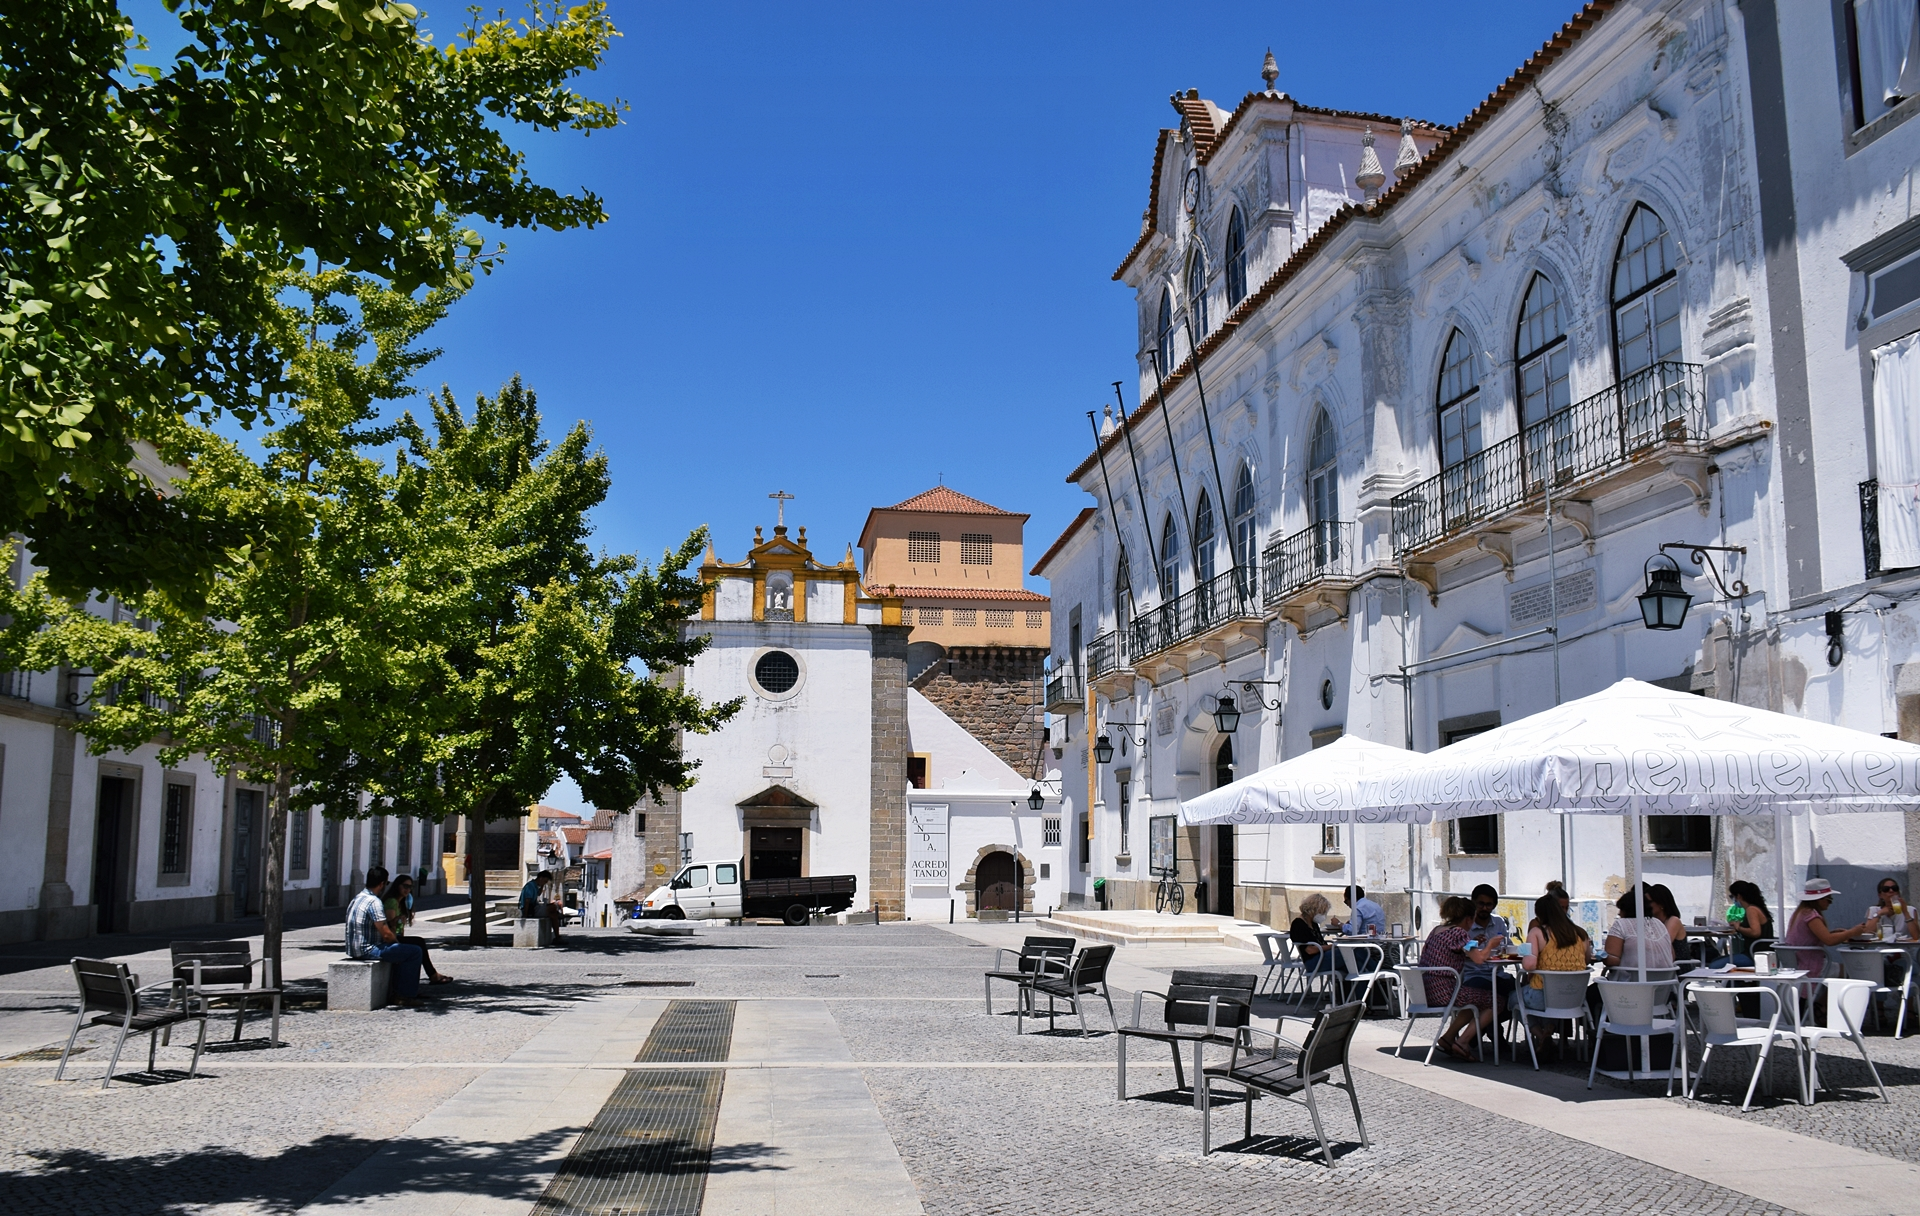 (Português) Em reunião pública de 14 de Julho de 2021: Câmara de Évora felicitou árbitros eborenses pelo seu trabalho